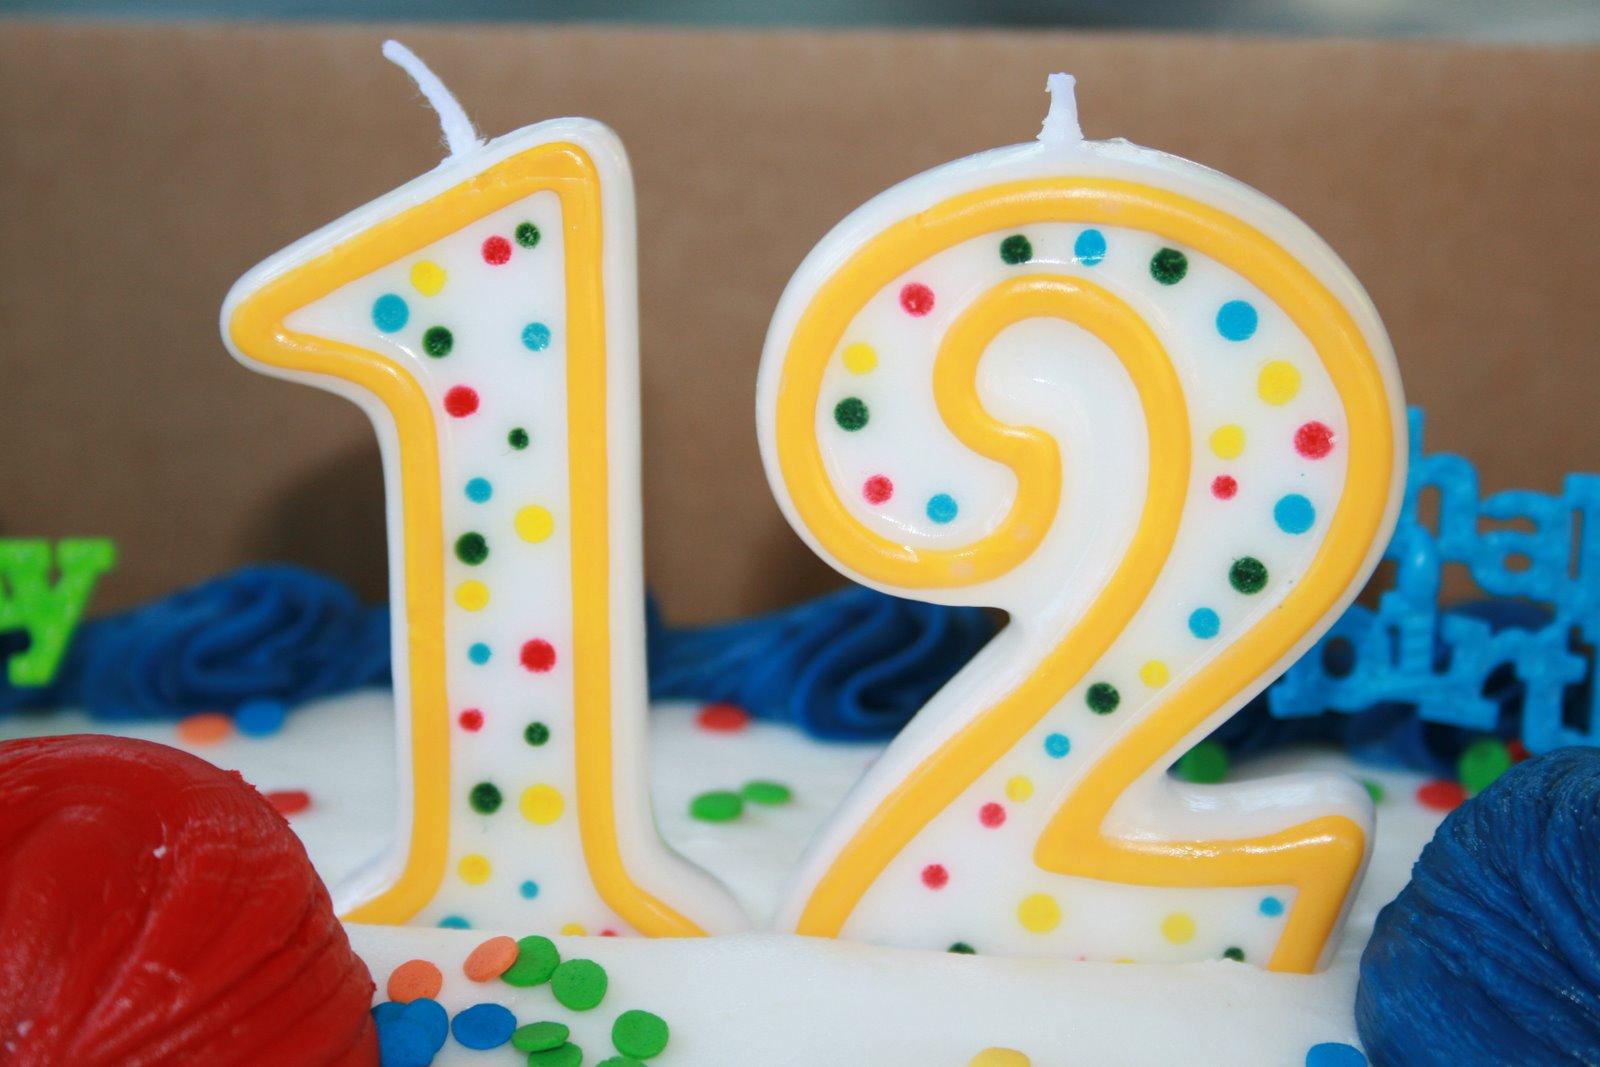 Selamat Ulang Tahun Untuk Nama PKS (20 April 2002)